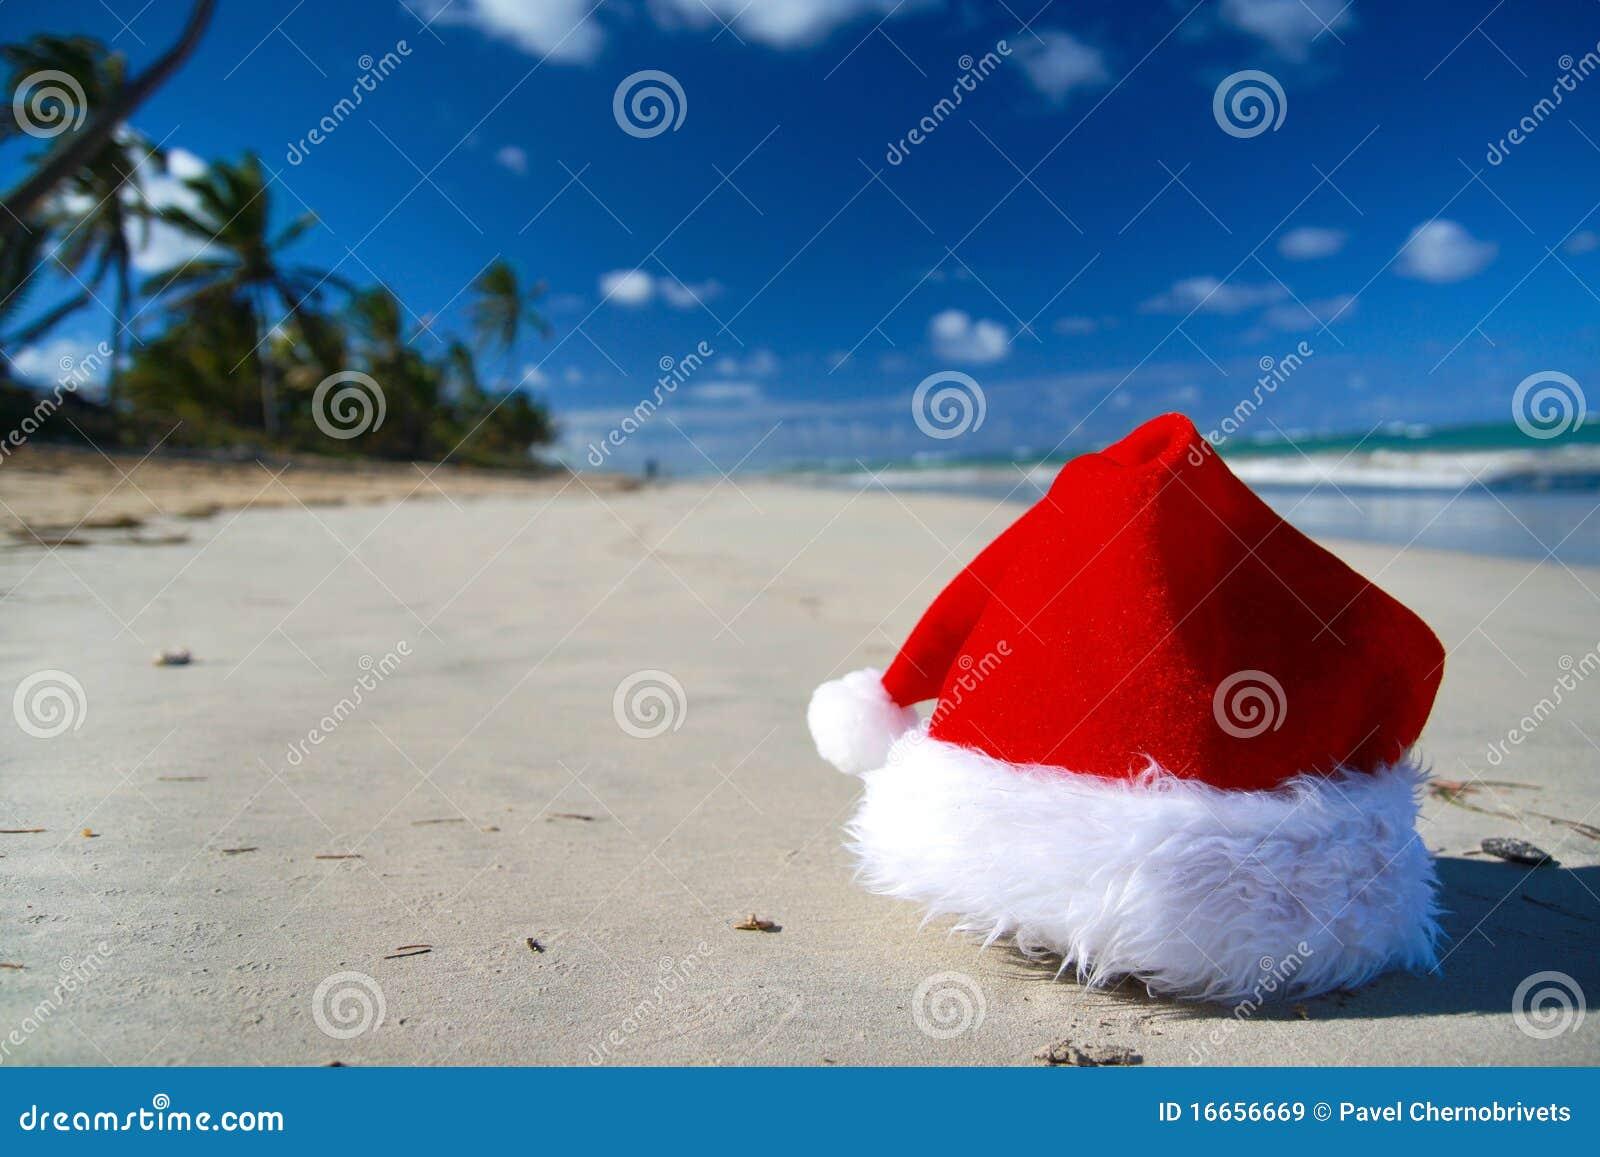 Sombrero de Santa en el mar del Caribe